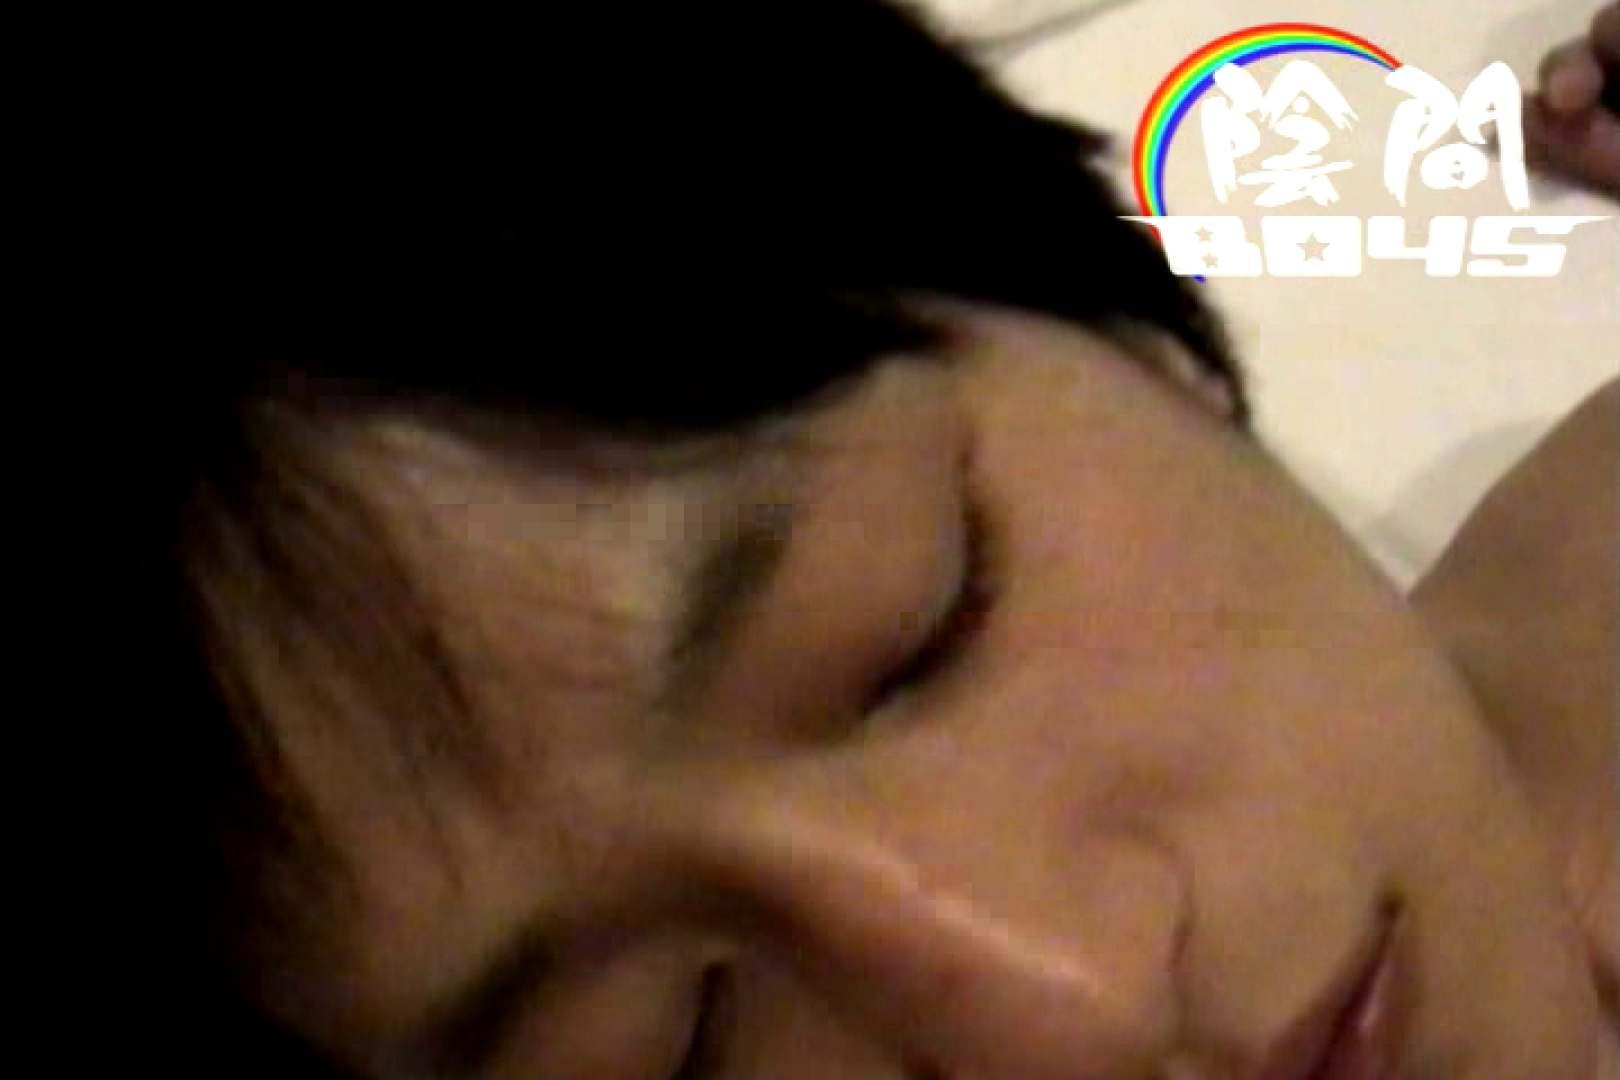 陰間BOYS~My holiday~04 アナル舐め舐め ゲイ無料エロ画像 65pic 19